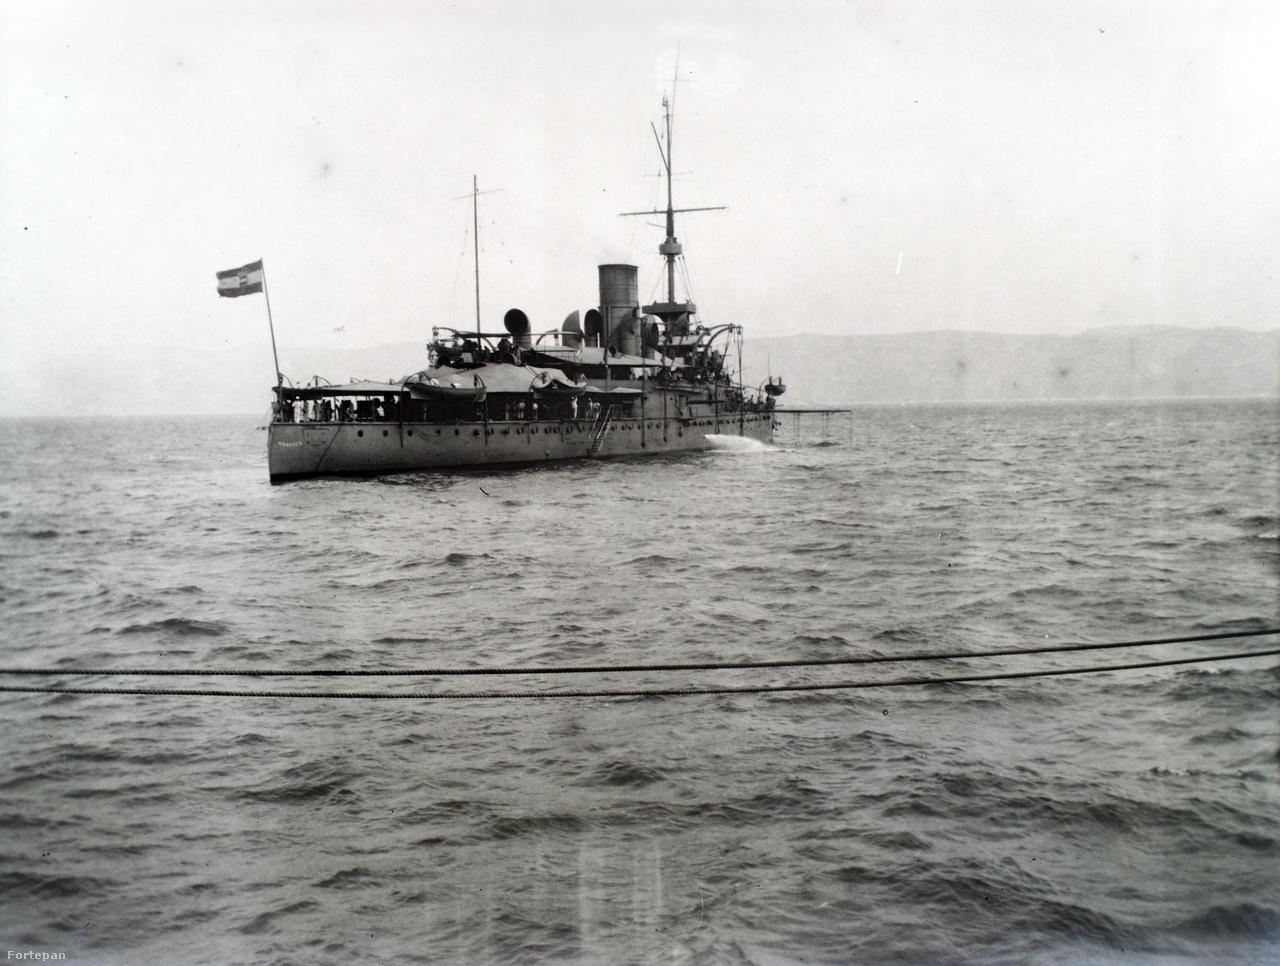 Nézzük meg közelebbről a hajókat. Ez itt az SMS Monarch partvédő páncélos. A 93 méter hosszú, 5878 tonna vízkiszorítású gőzös 1898. május 11-én állt szolgálatba. Fegyverzete: 4 db 24 cm-es Krupp löveg, 6 db 15 cm-es Krupp  löveg, 2 db 7cm-es csónaklöveg, 10 db 4,7 cm-es Skoda löveg, 4 db 4,7 cm-es gyorstüzelő Hotchkiss löveg, 1 db 8 mm-es géppuska, 2 db 7 cm-es Uchatius csónaklöveg, 2 db vízvonal alatti, 45  cm torpedóvető.